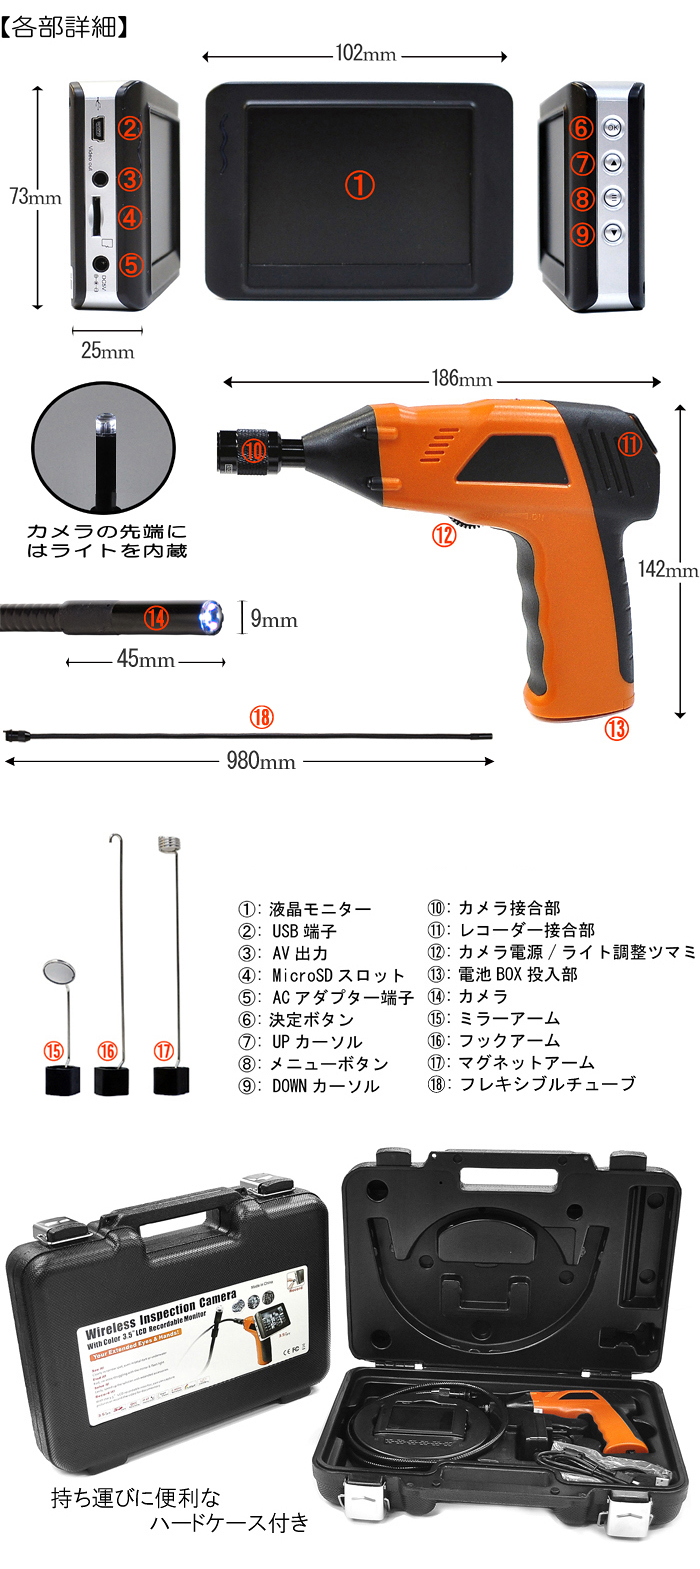 ファイバースコープ無線カメラ【ファイバーアイ/Fiber-Eye】 各部詳細